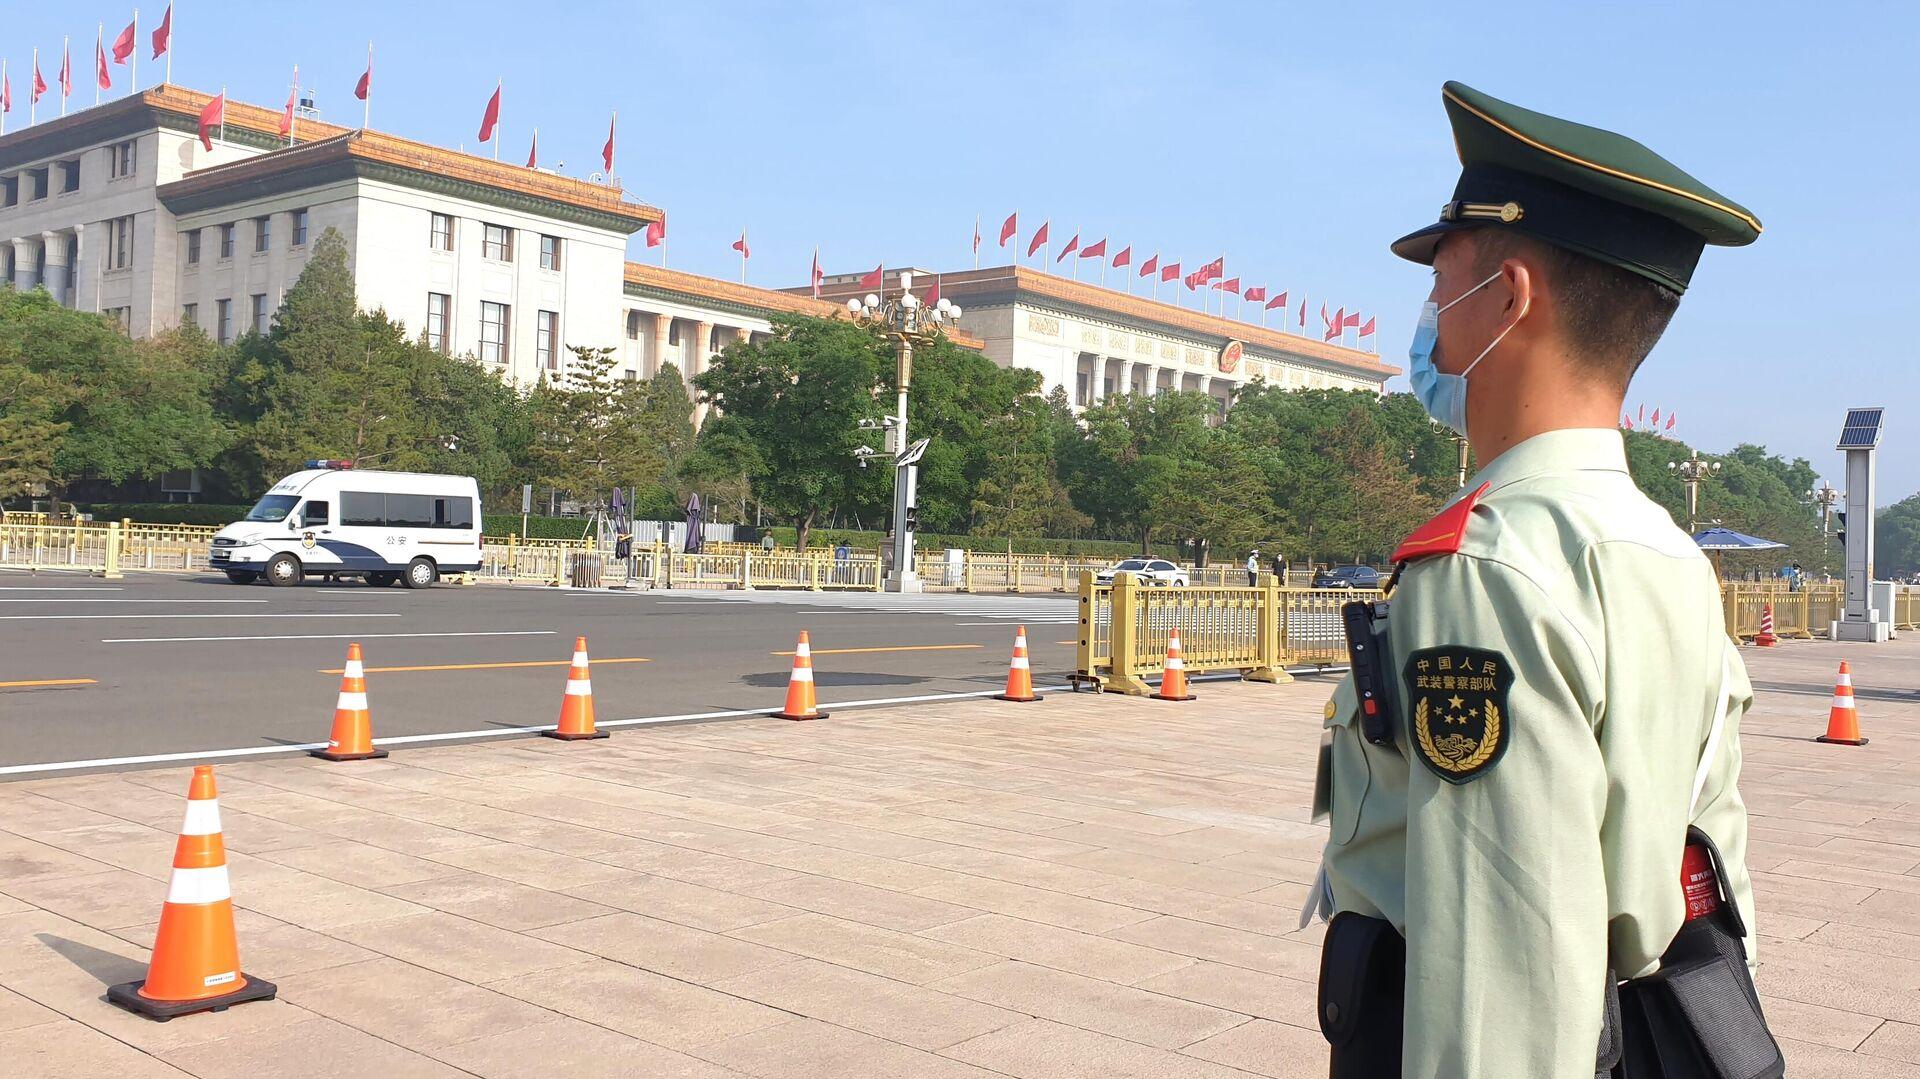 Сотрудник службы безопасности возле Дома народных собраний в Пекине - РИА Новости, 1920, 29.10.2020